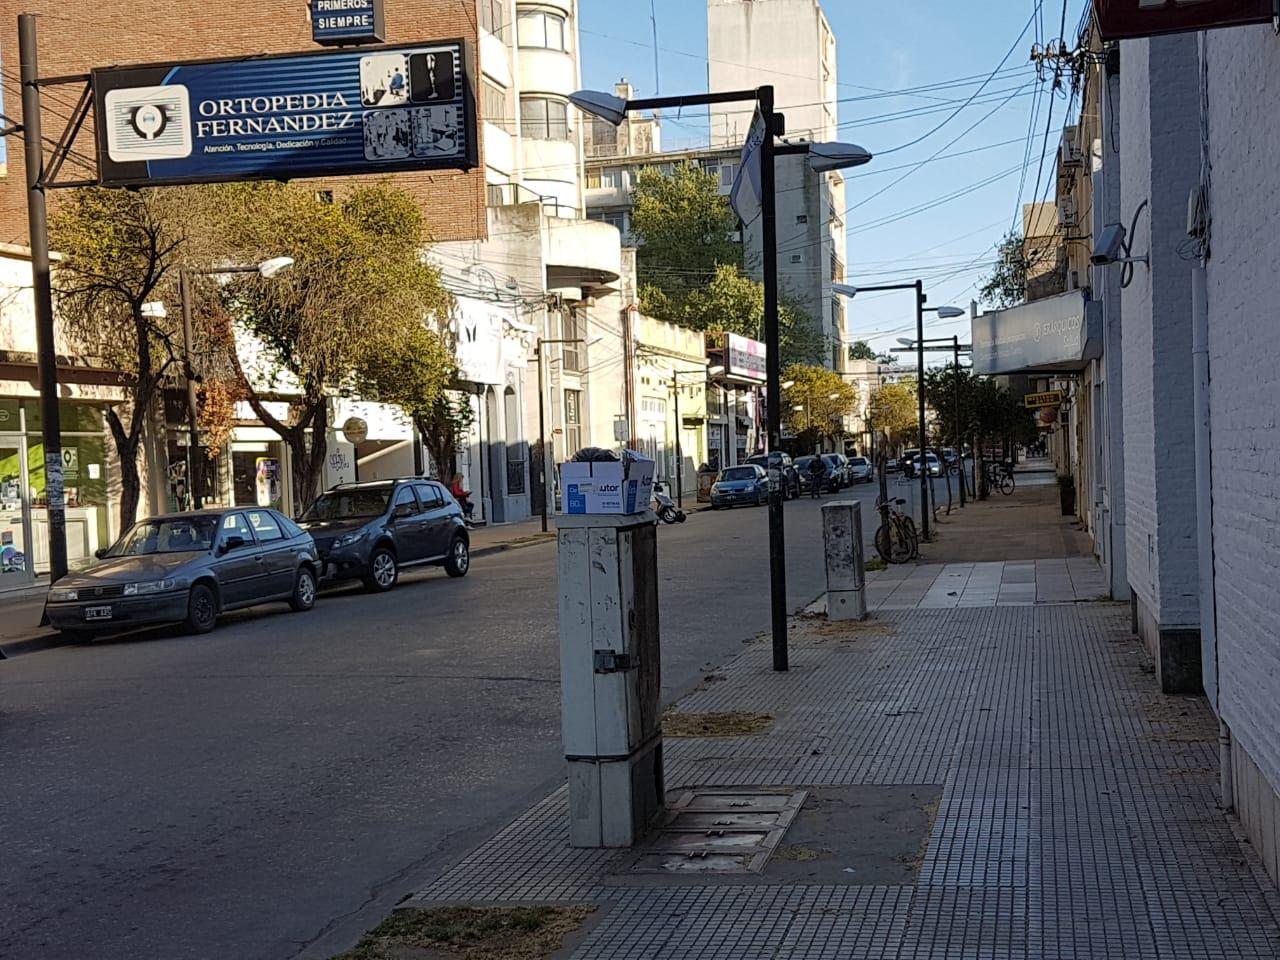 La calle San Martín desierta debida a la inexistente actividad de bancos y de organismos judiciales